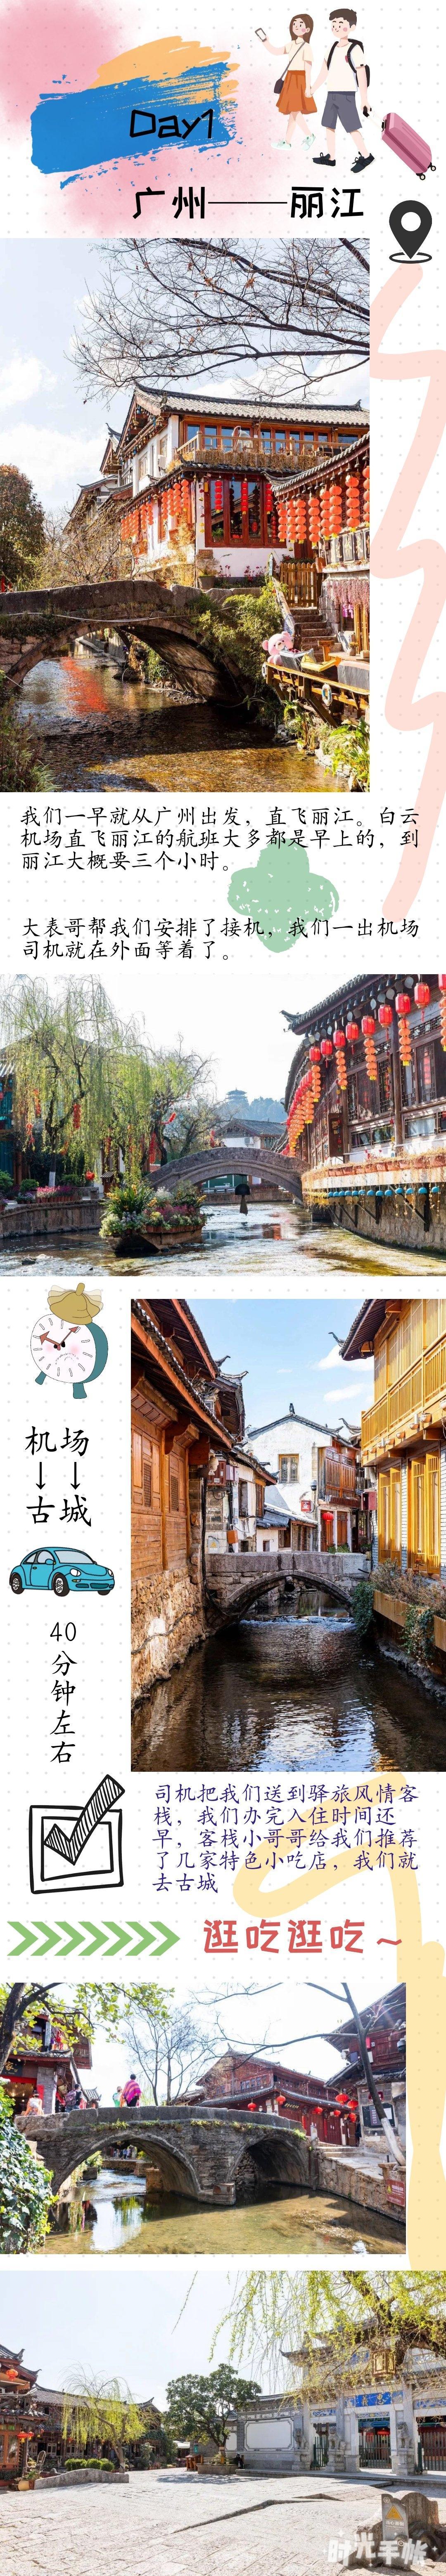 云南旅游攻略   云南的美景有太多,世界的美景有太多。你要相信